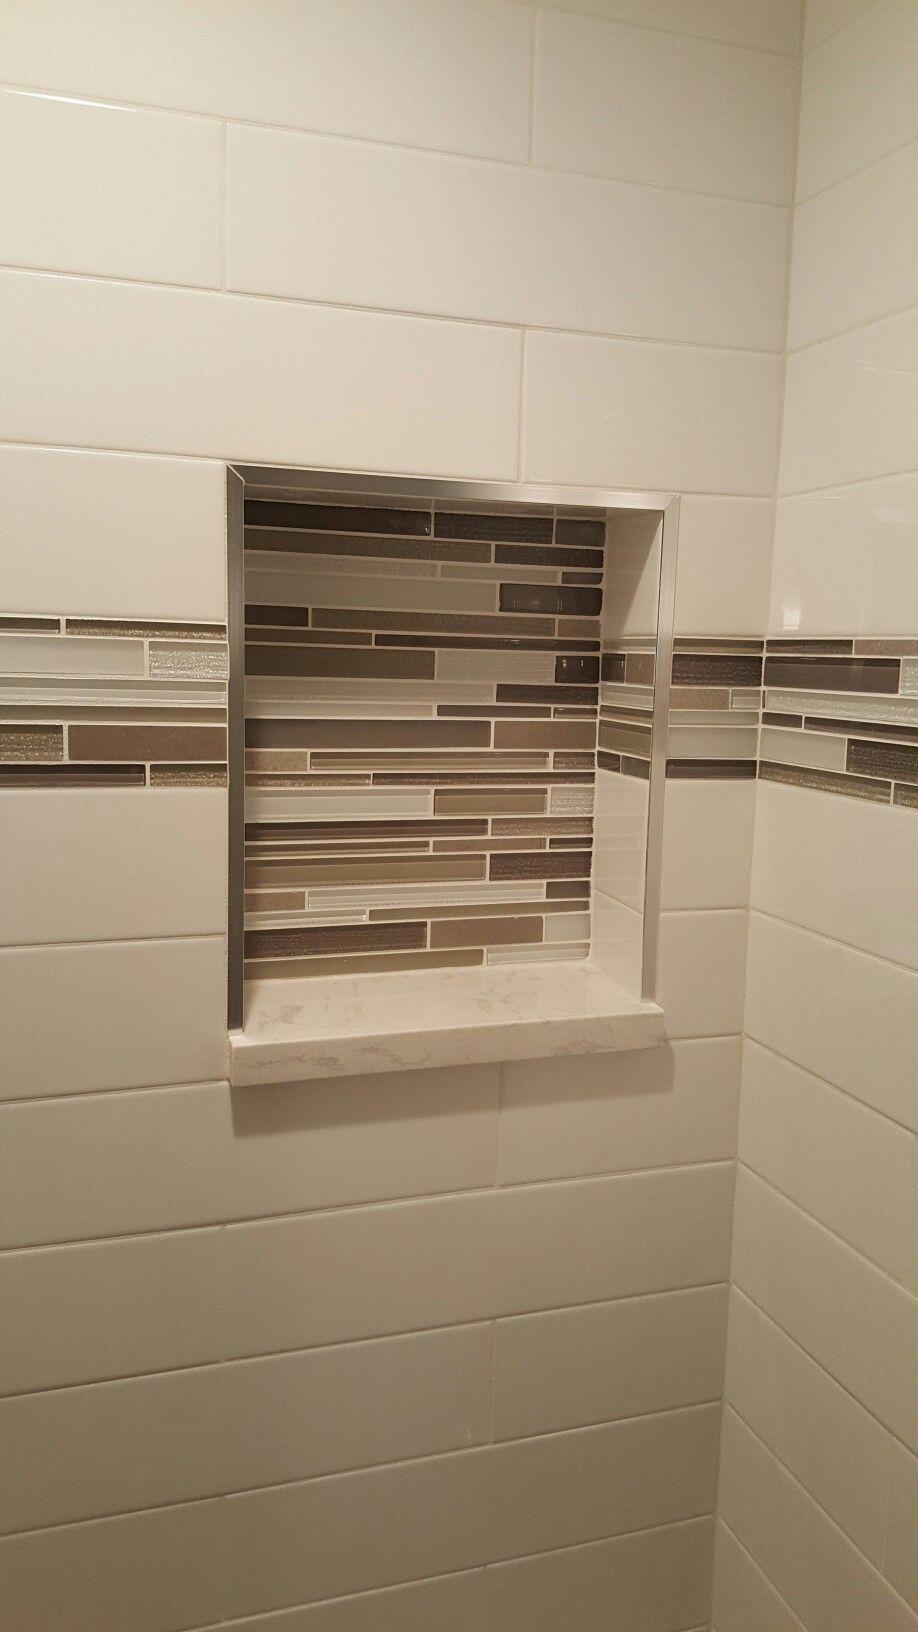 Hall bath details in shower